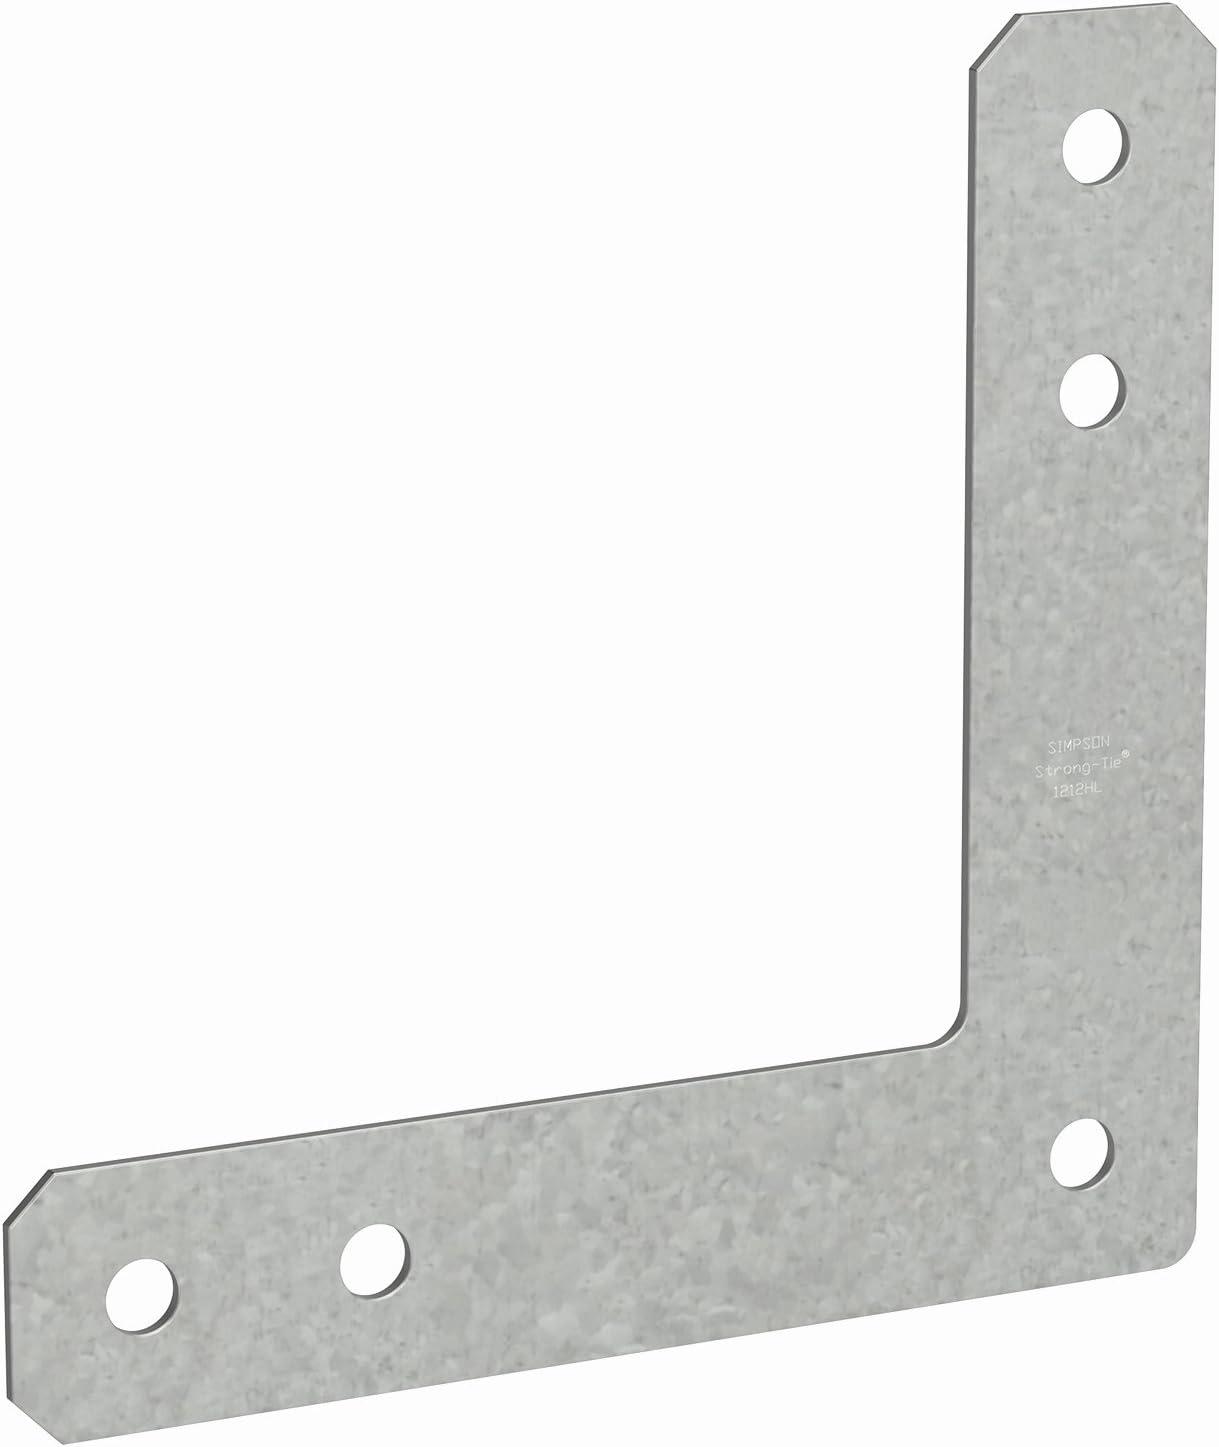 Piece-10 1//2 Hard-to-Find Fastener 014973121525 Screw Posts with Screws